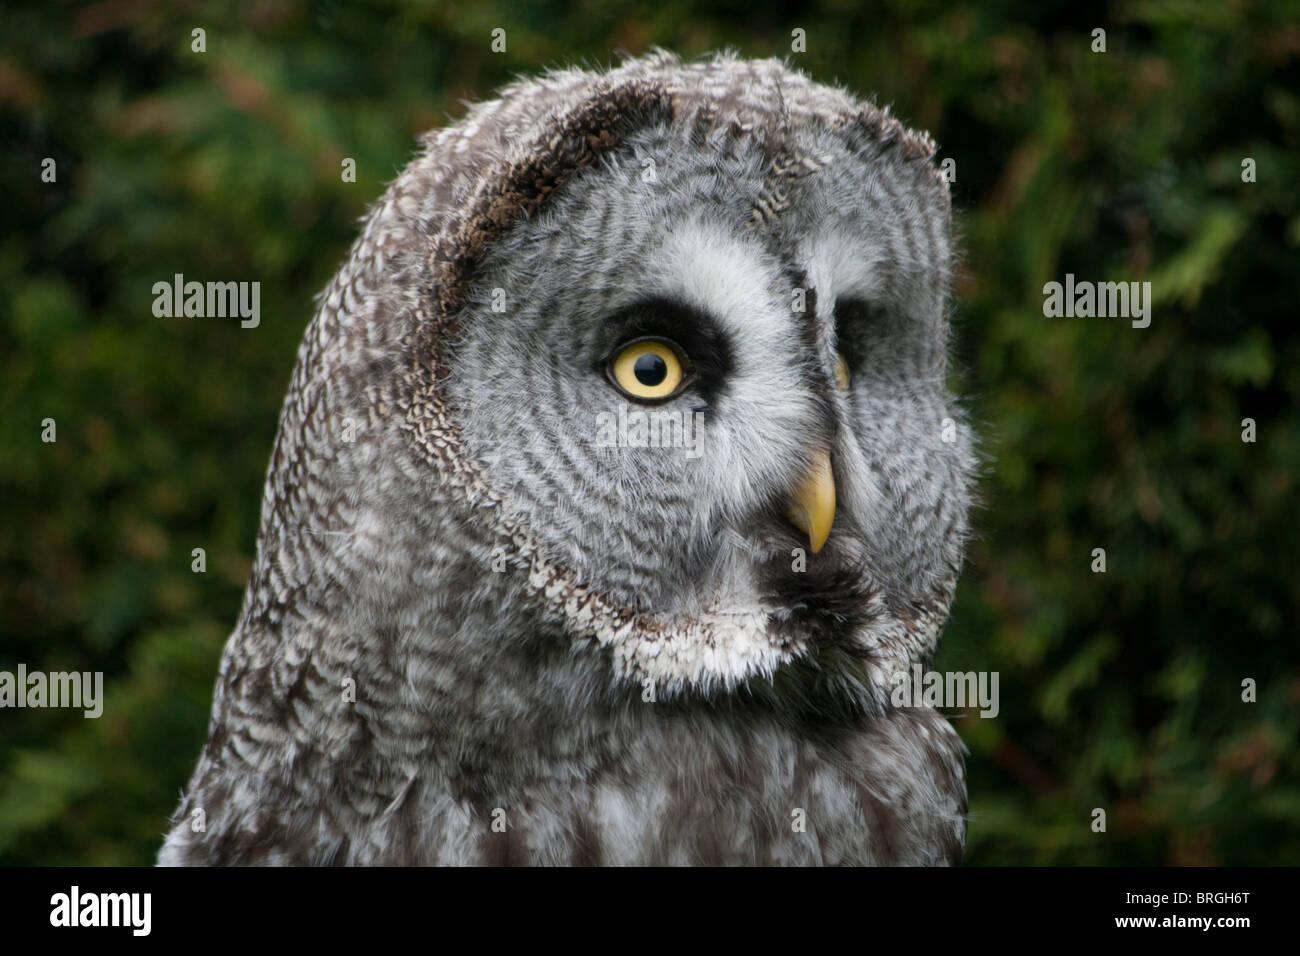 Portrait d'une Chouette lapone Laponie ou Owl - Strix nebulosa Banque D'Images